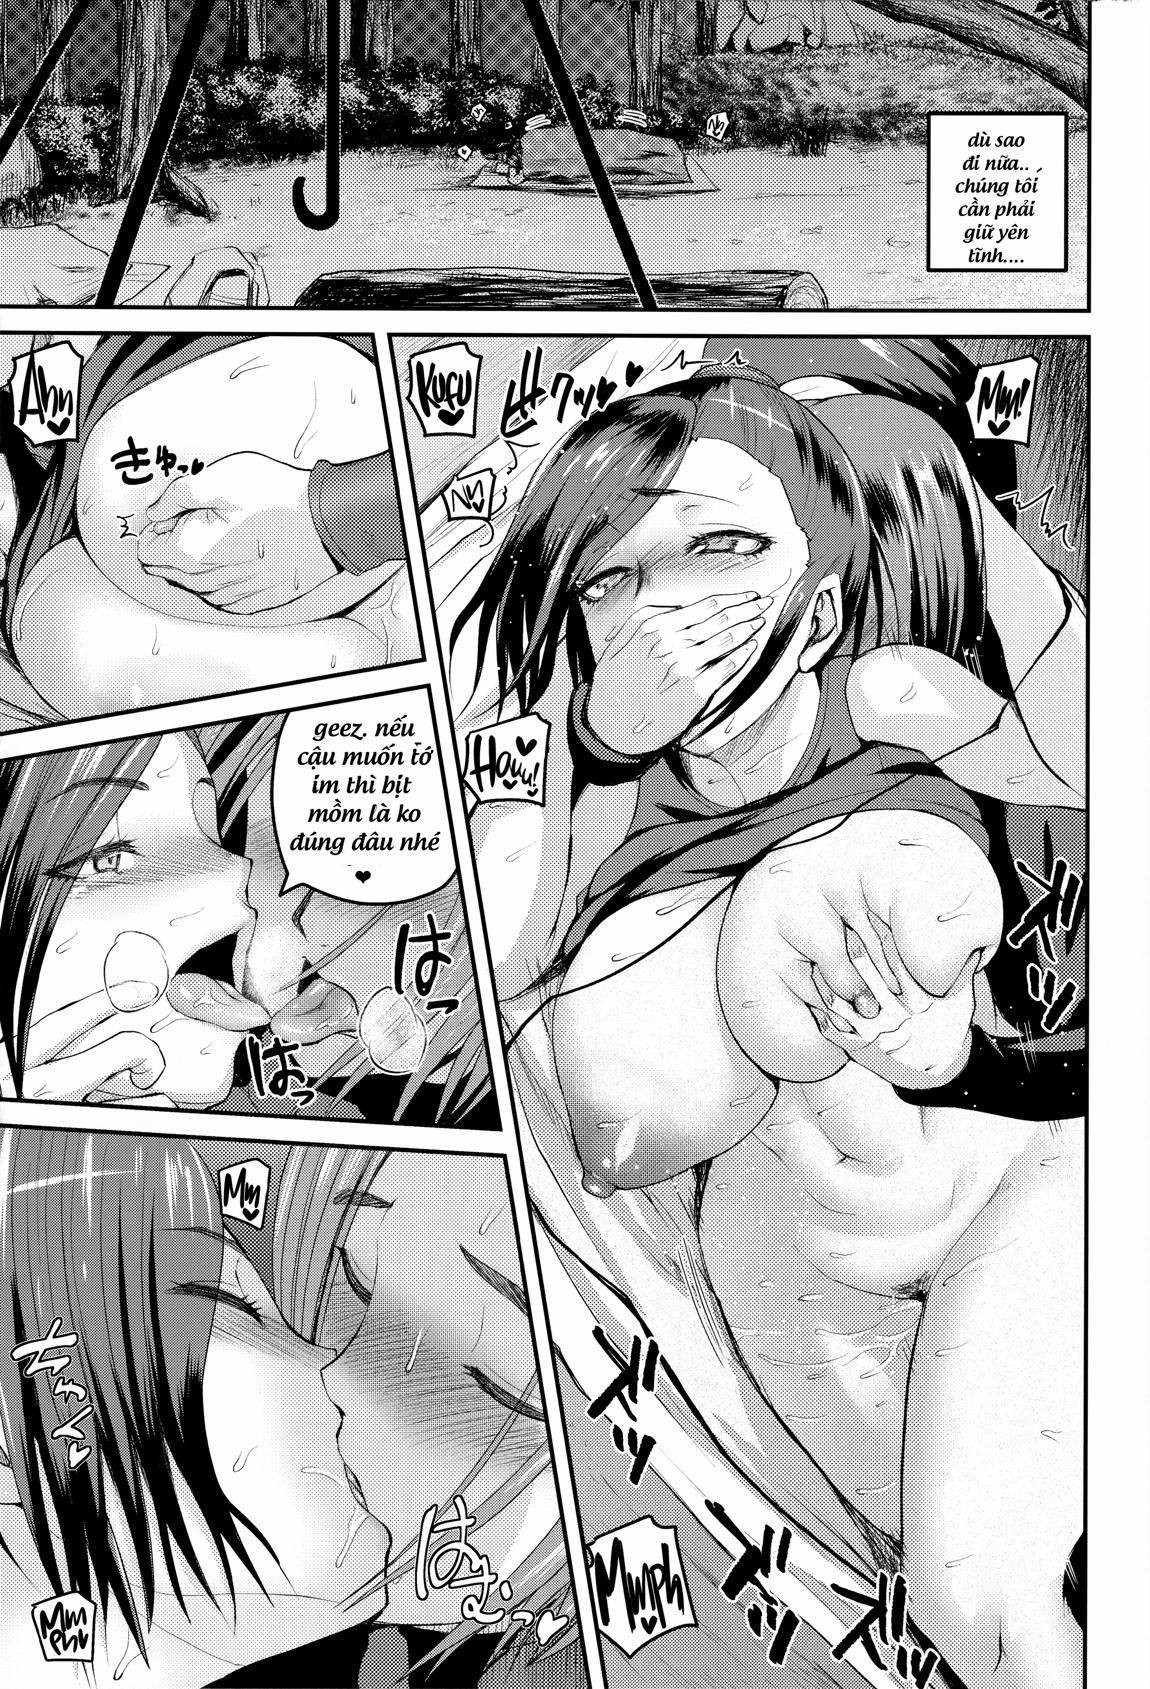 Hình ảnh  trong bài viết Hime-sama no Sakusei Skill The Princess' Milking Skills